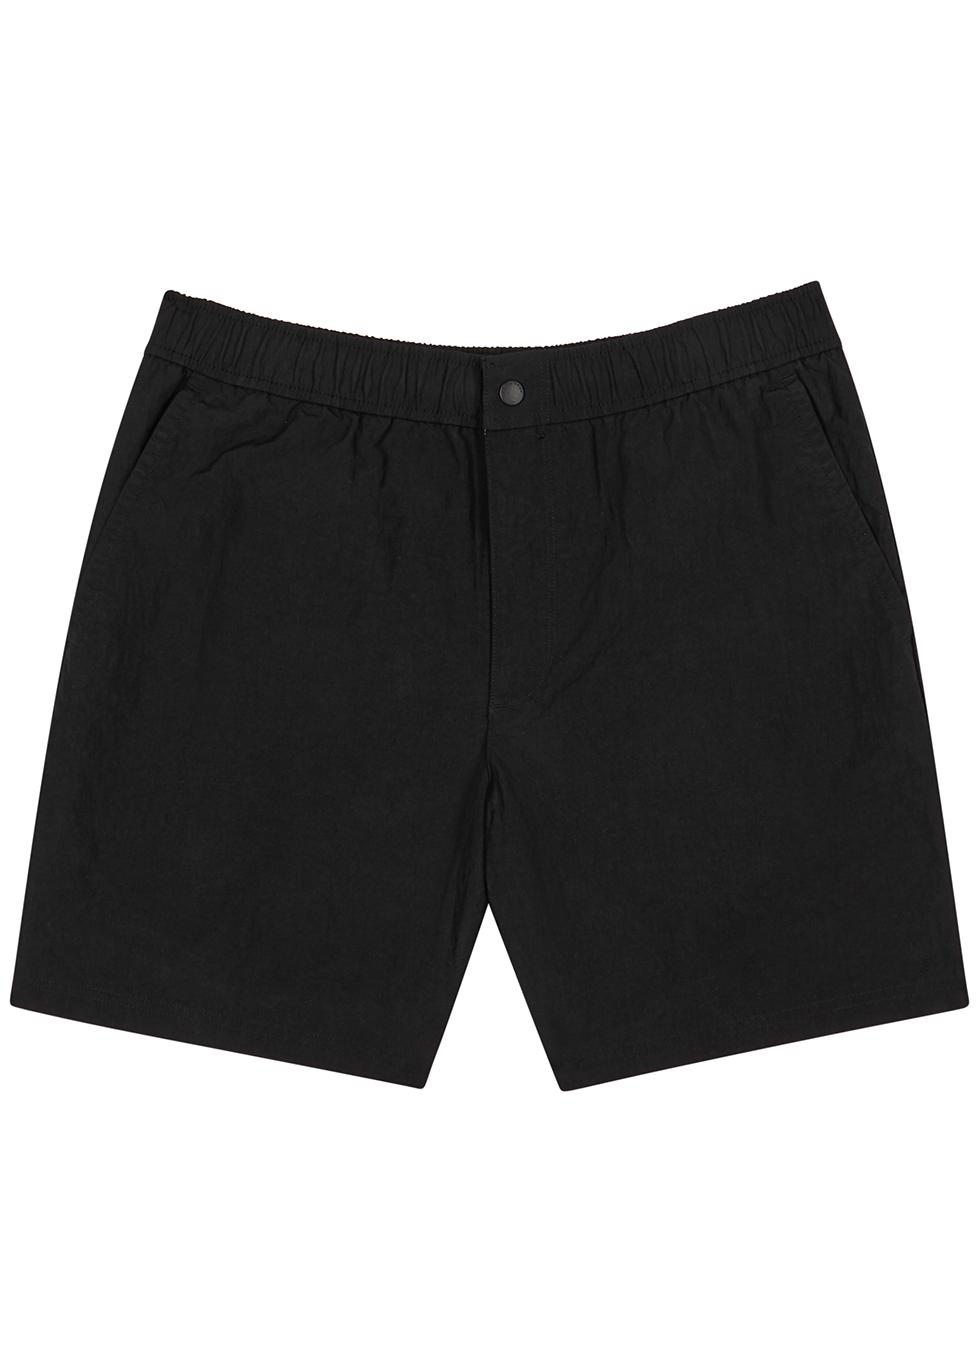 Eaton black nylon-blend shorts